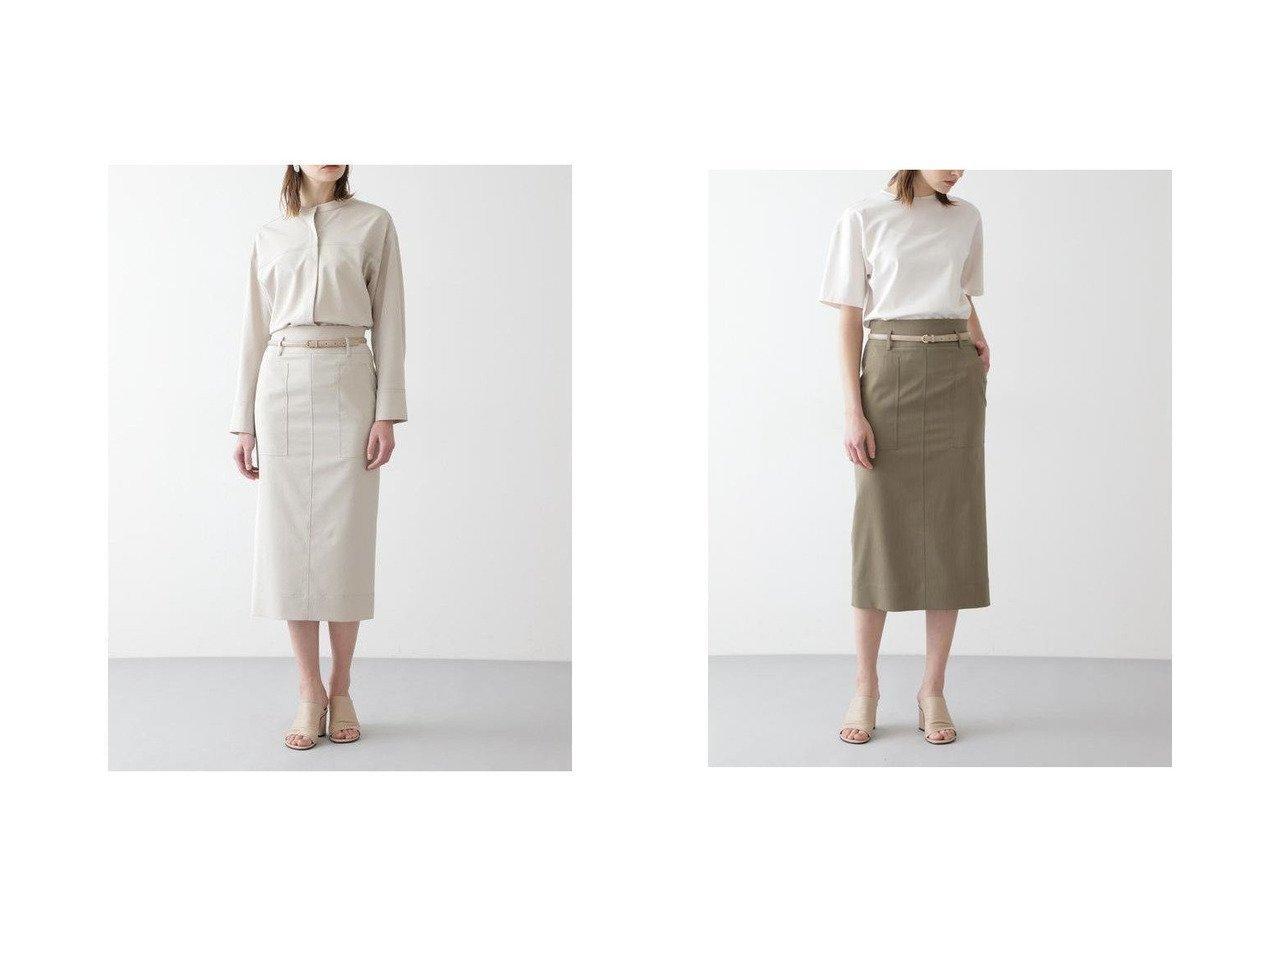 【BOSCH/ボッシュ】のPLメランジセットアップスカート 【スカート】おすすめ!人気、トレンド・レディースファッションの通販 おすすめで人気の流行・トレンド、ファッションの通販商品 メンズファッション・キッズファッション・インテリア・家具・レディースファッション・服の通販 founy(ファニー) https://founy.com/ ファッション Fashion レディースファッション WOMEN セットアップ Setup スカート Skirt キュプラ ジャケット スタンダード セットアップ タイトスカート ポケット リボン 再入荷 Restock/Back in Stock/Re Arrival |ID:crp329100000031424